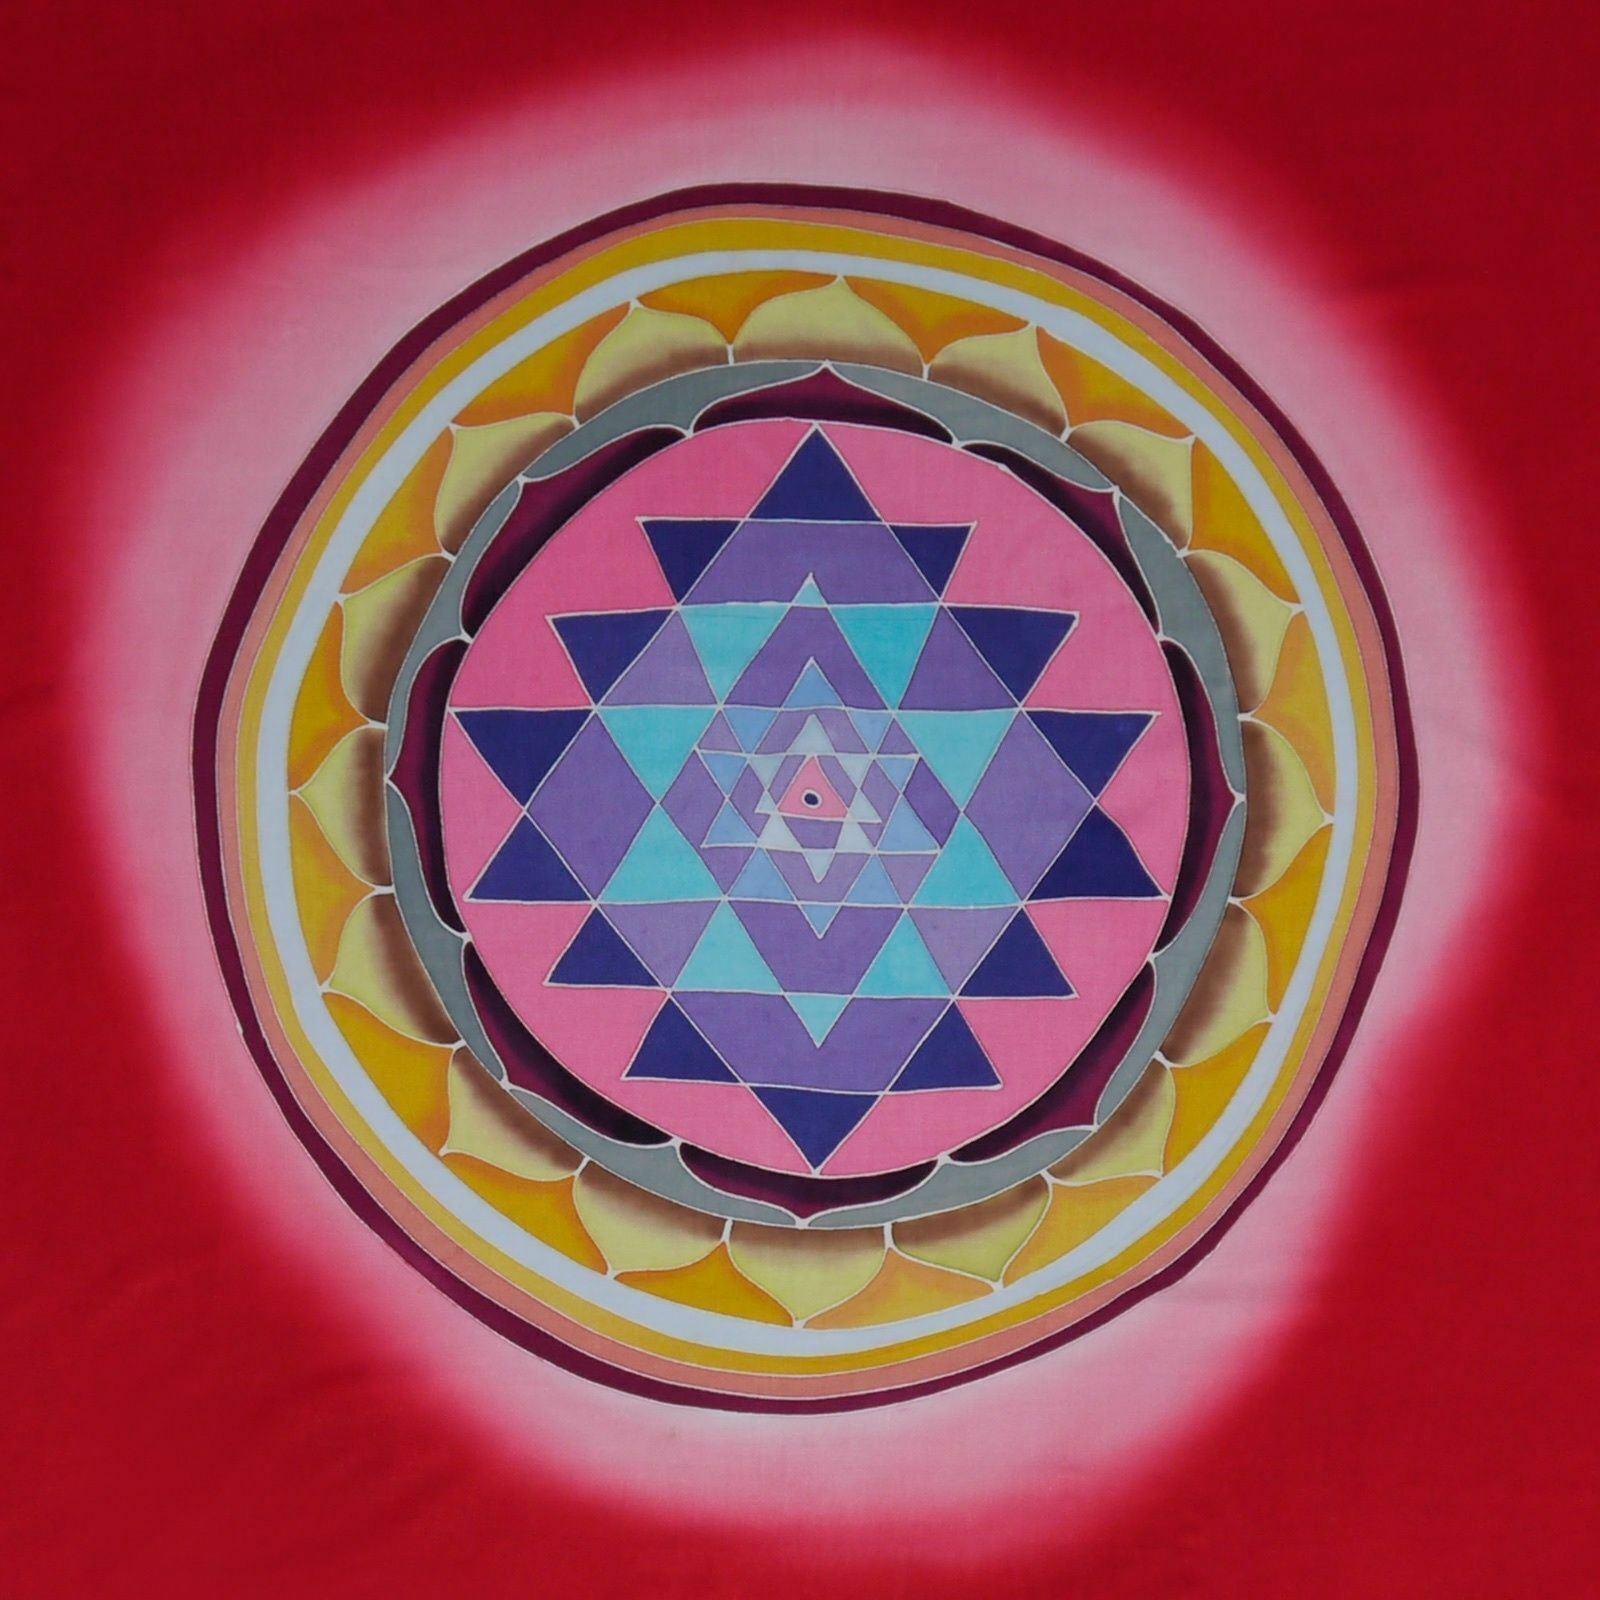 Bali Hand Painted Batik Wall Tapestry Flag Sacrot Geometry Lotus Mandala 45x81